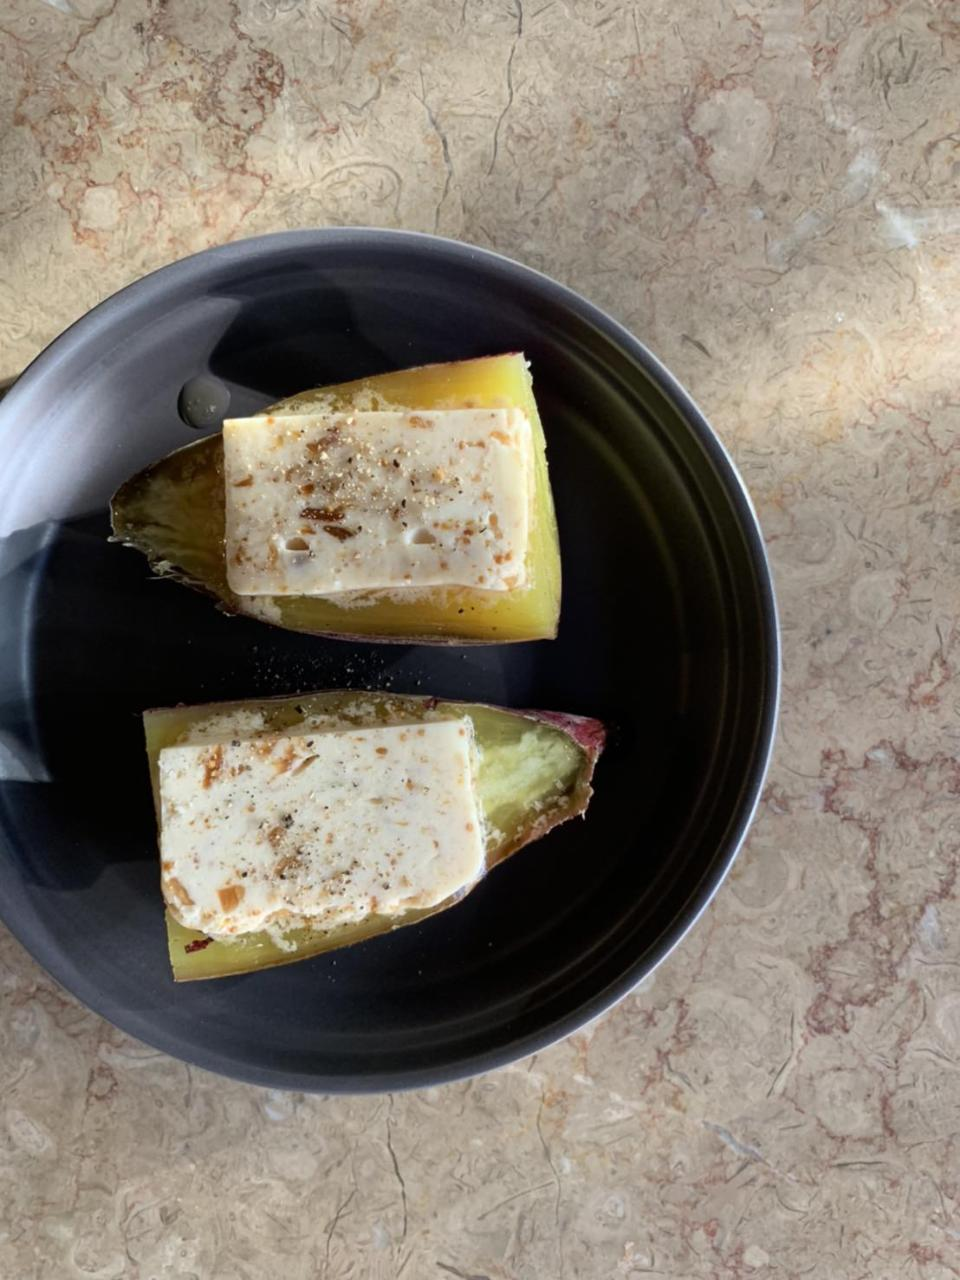 滋賀県産蜂蜜をたっぷりかけて食べてもらう燻製無花果バター